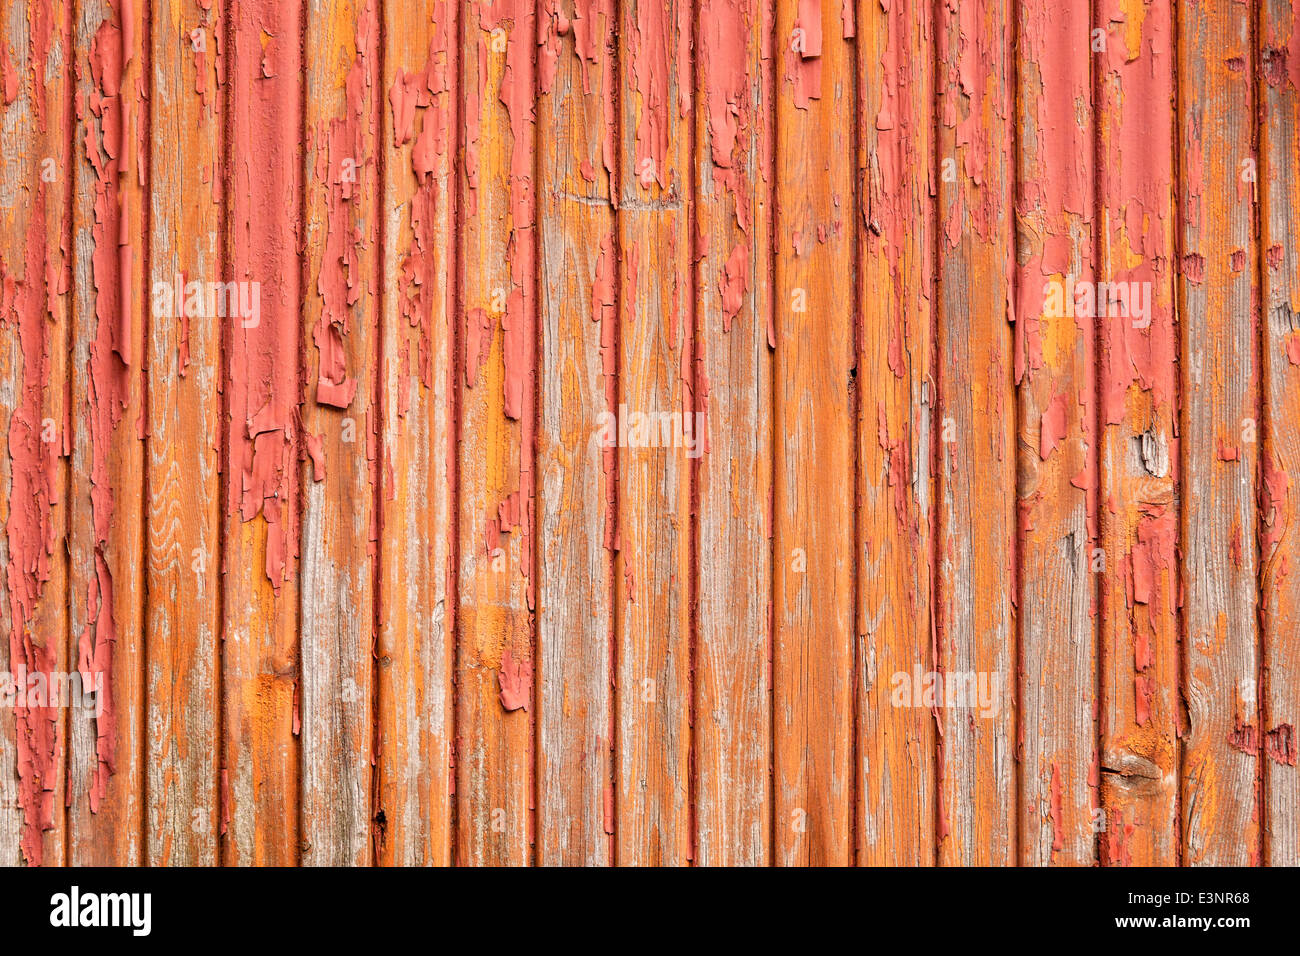 horizontale Bild der alten grau vertikalen Planken mit roten und orangenen Farbe verblassen Stockfoto